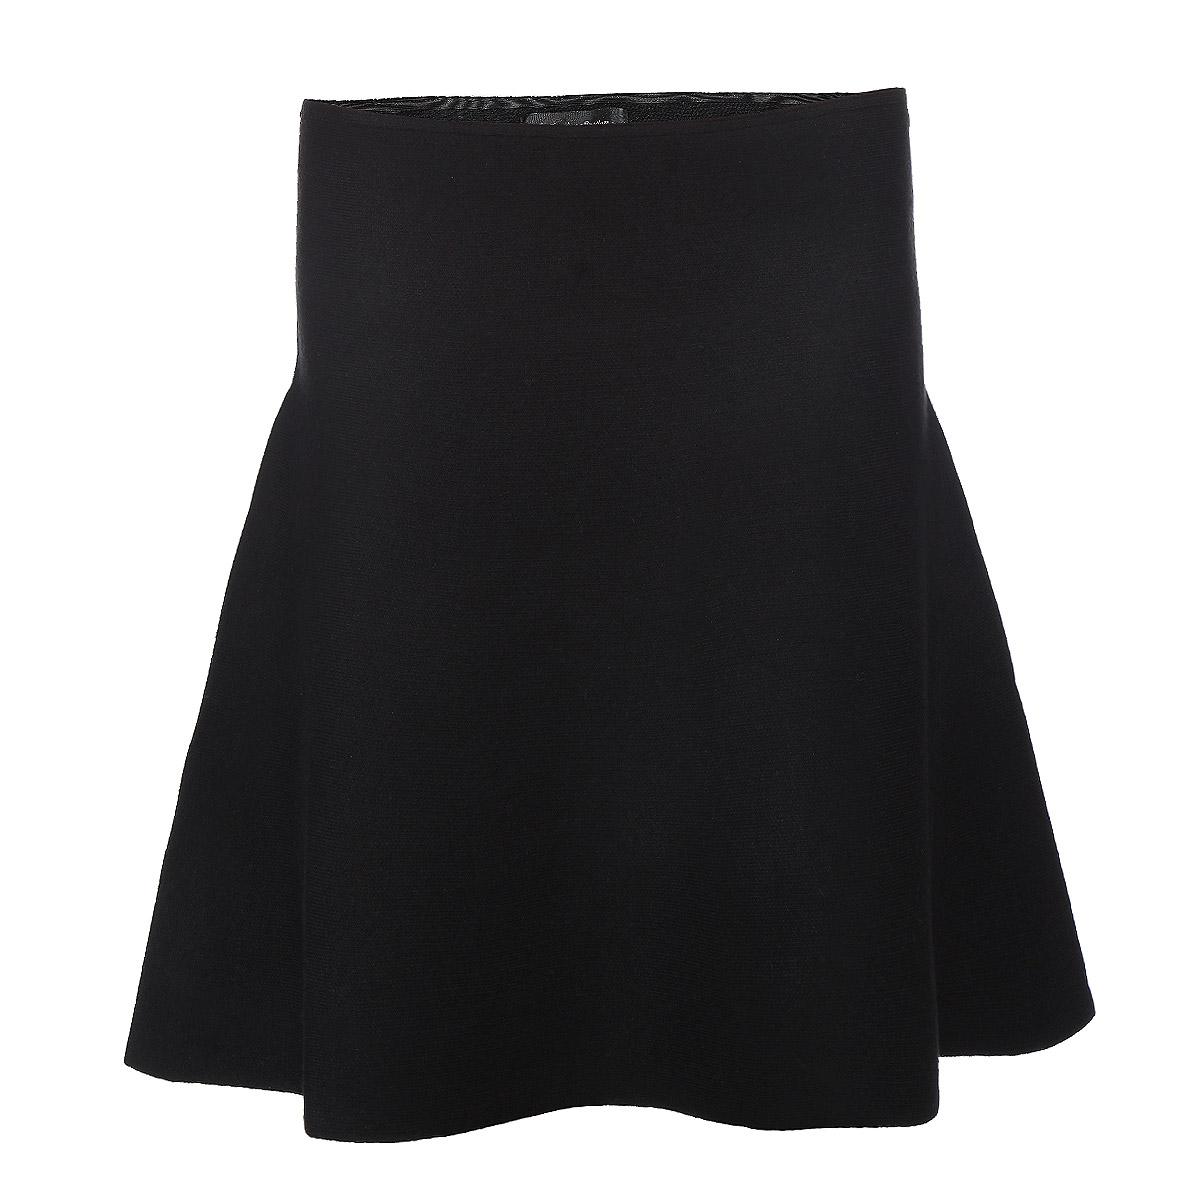 Юбка. SKsw-118/665-5434DSKsw-118/665-5434DОригинальная юбка от Sela внесет женственные нотки в ваш модный образ. Модель выполнена из плотного полиэстера с добавлением нейлона и шерсти. Юбка имеет эластичную резинку на талии, что обеспечивает максимальный комфорт при носке. Актуальная длина и необычный фасон юбки подчеркнут красоту и стройность ваших ног, сделают ваш образ более хрупким. Стильная юбка - основа гардероба настоящей леди. Она подчеркнет ваше отменное чувство стиля и безупречный вкус!